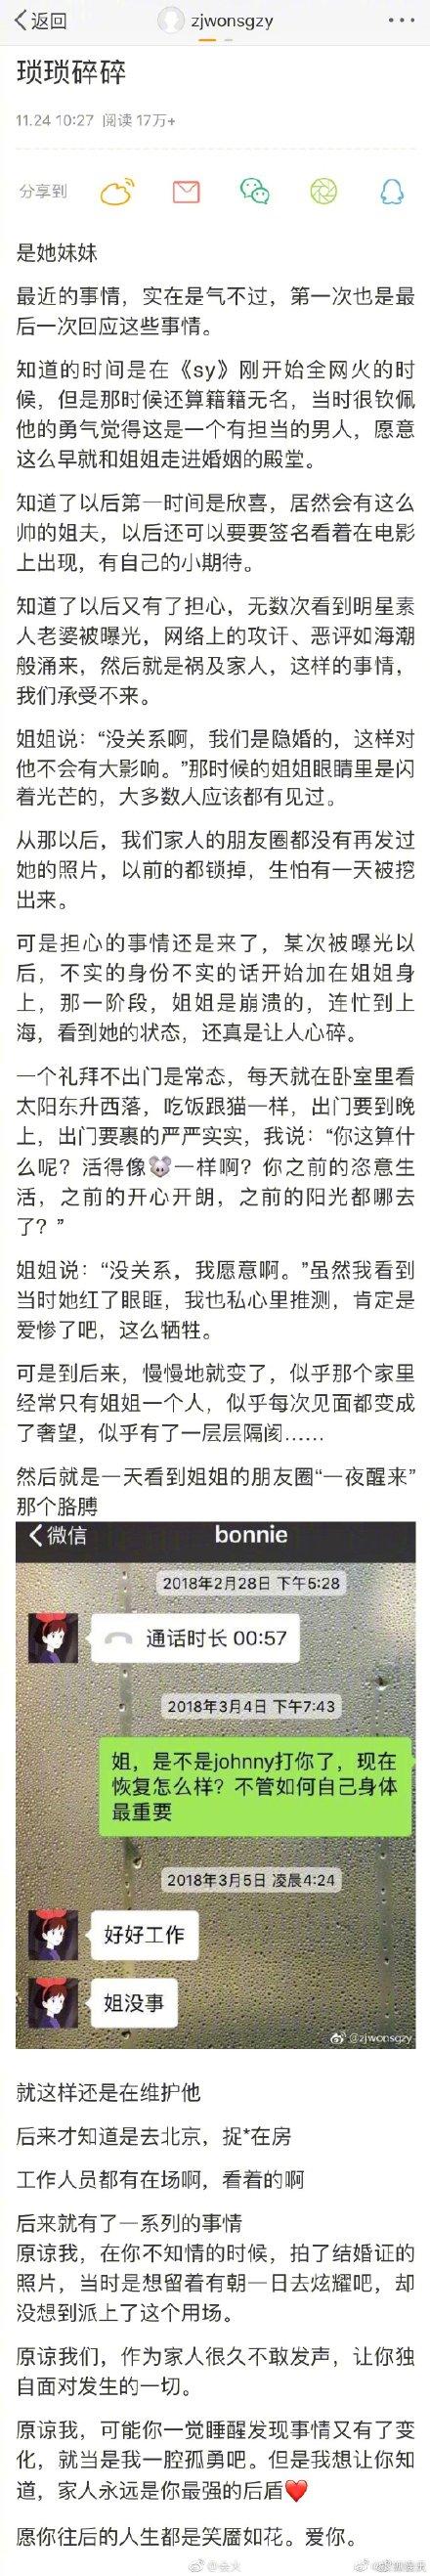 黄景瑜前妻王雨馨为什么自杀事件始末真相,王雨馨家人爆料黄景瑜